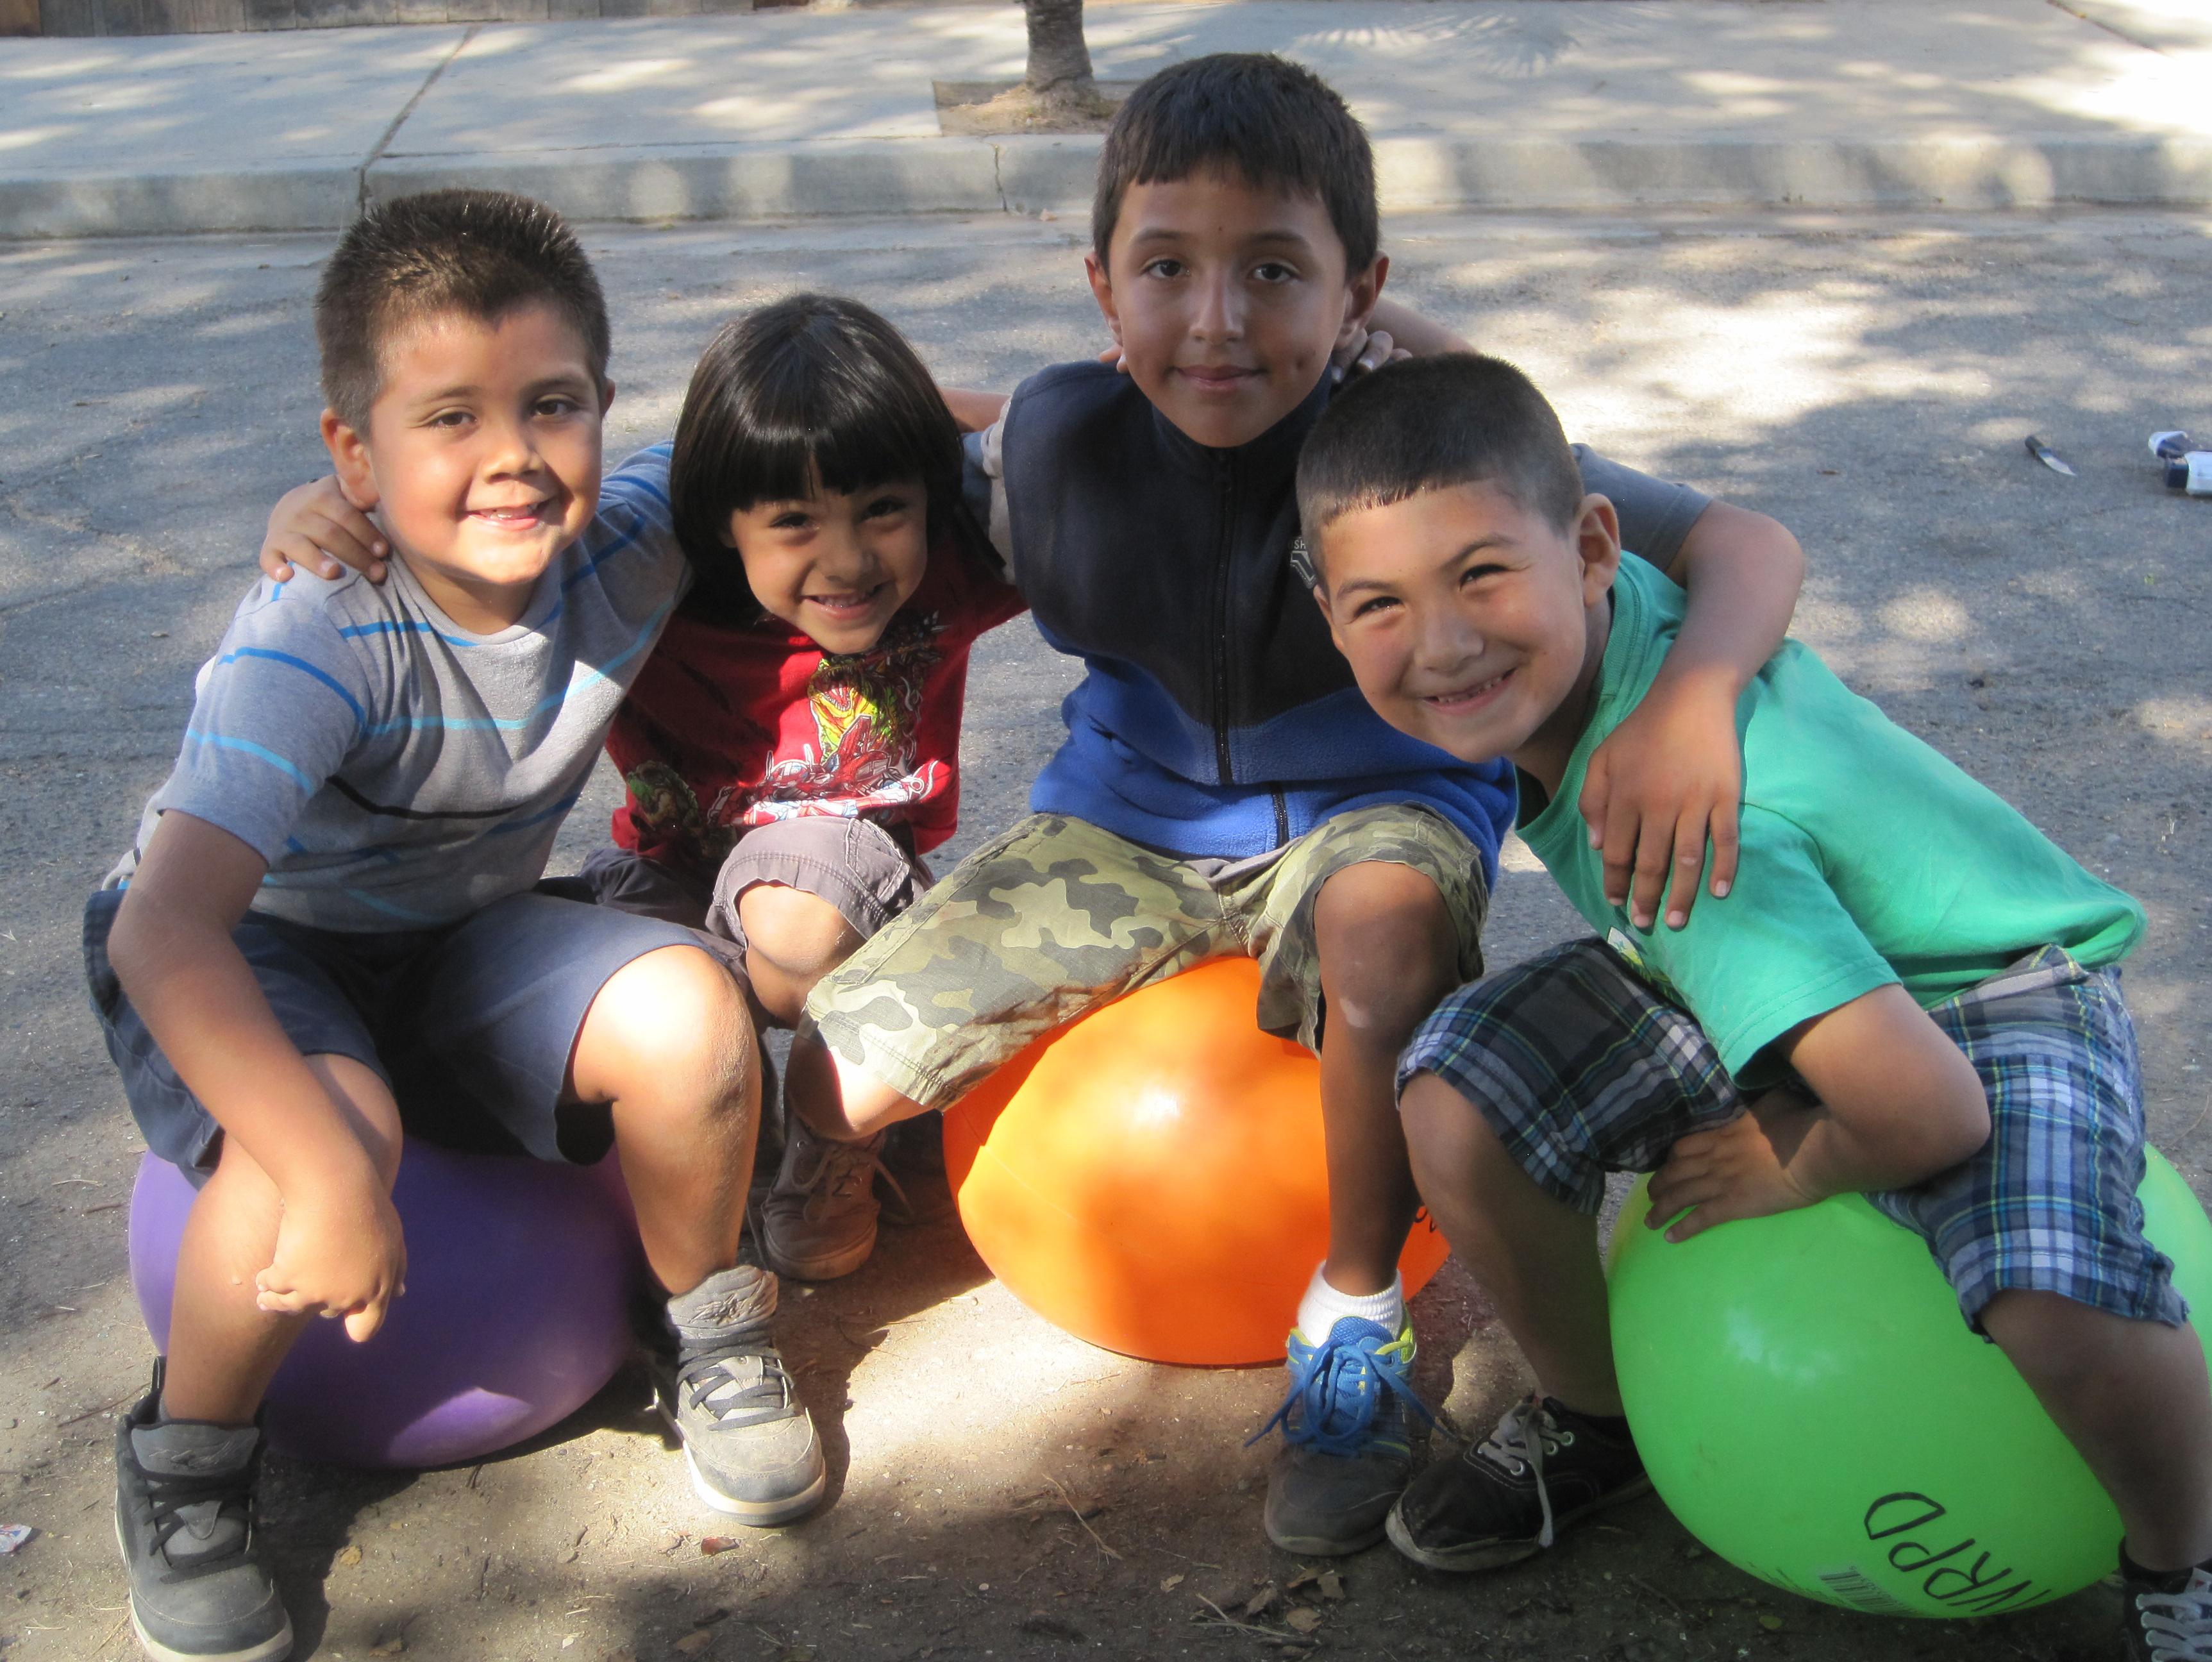 Friends in Children's Park